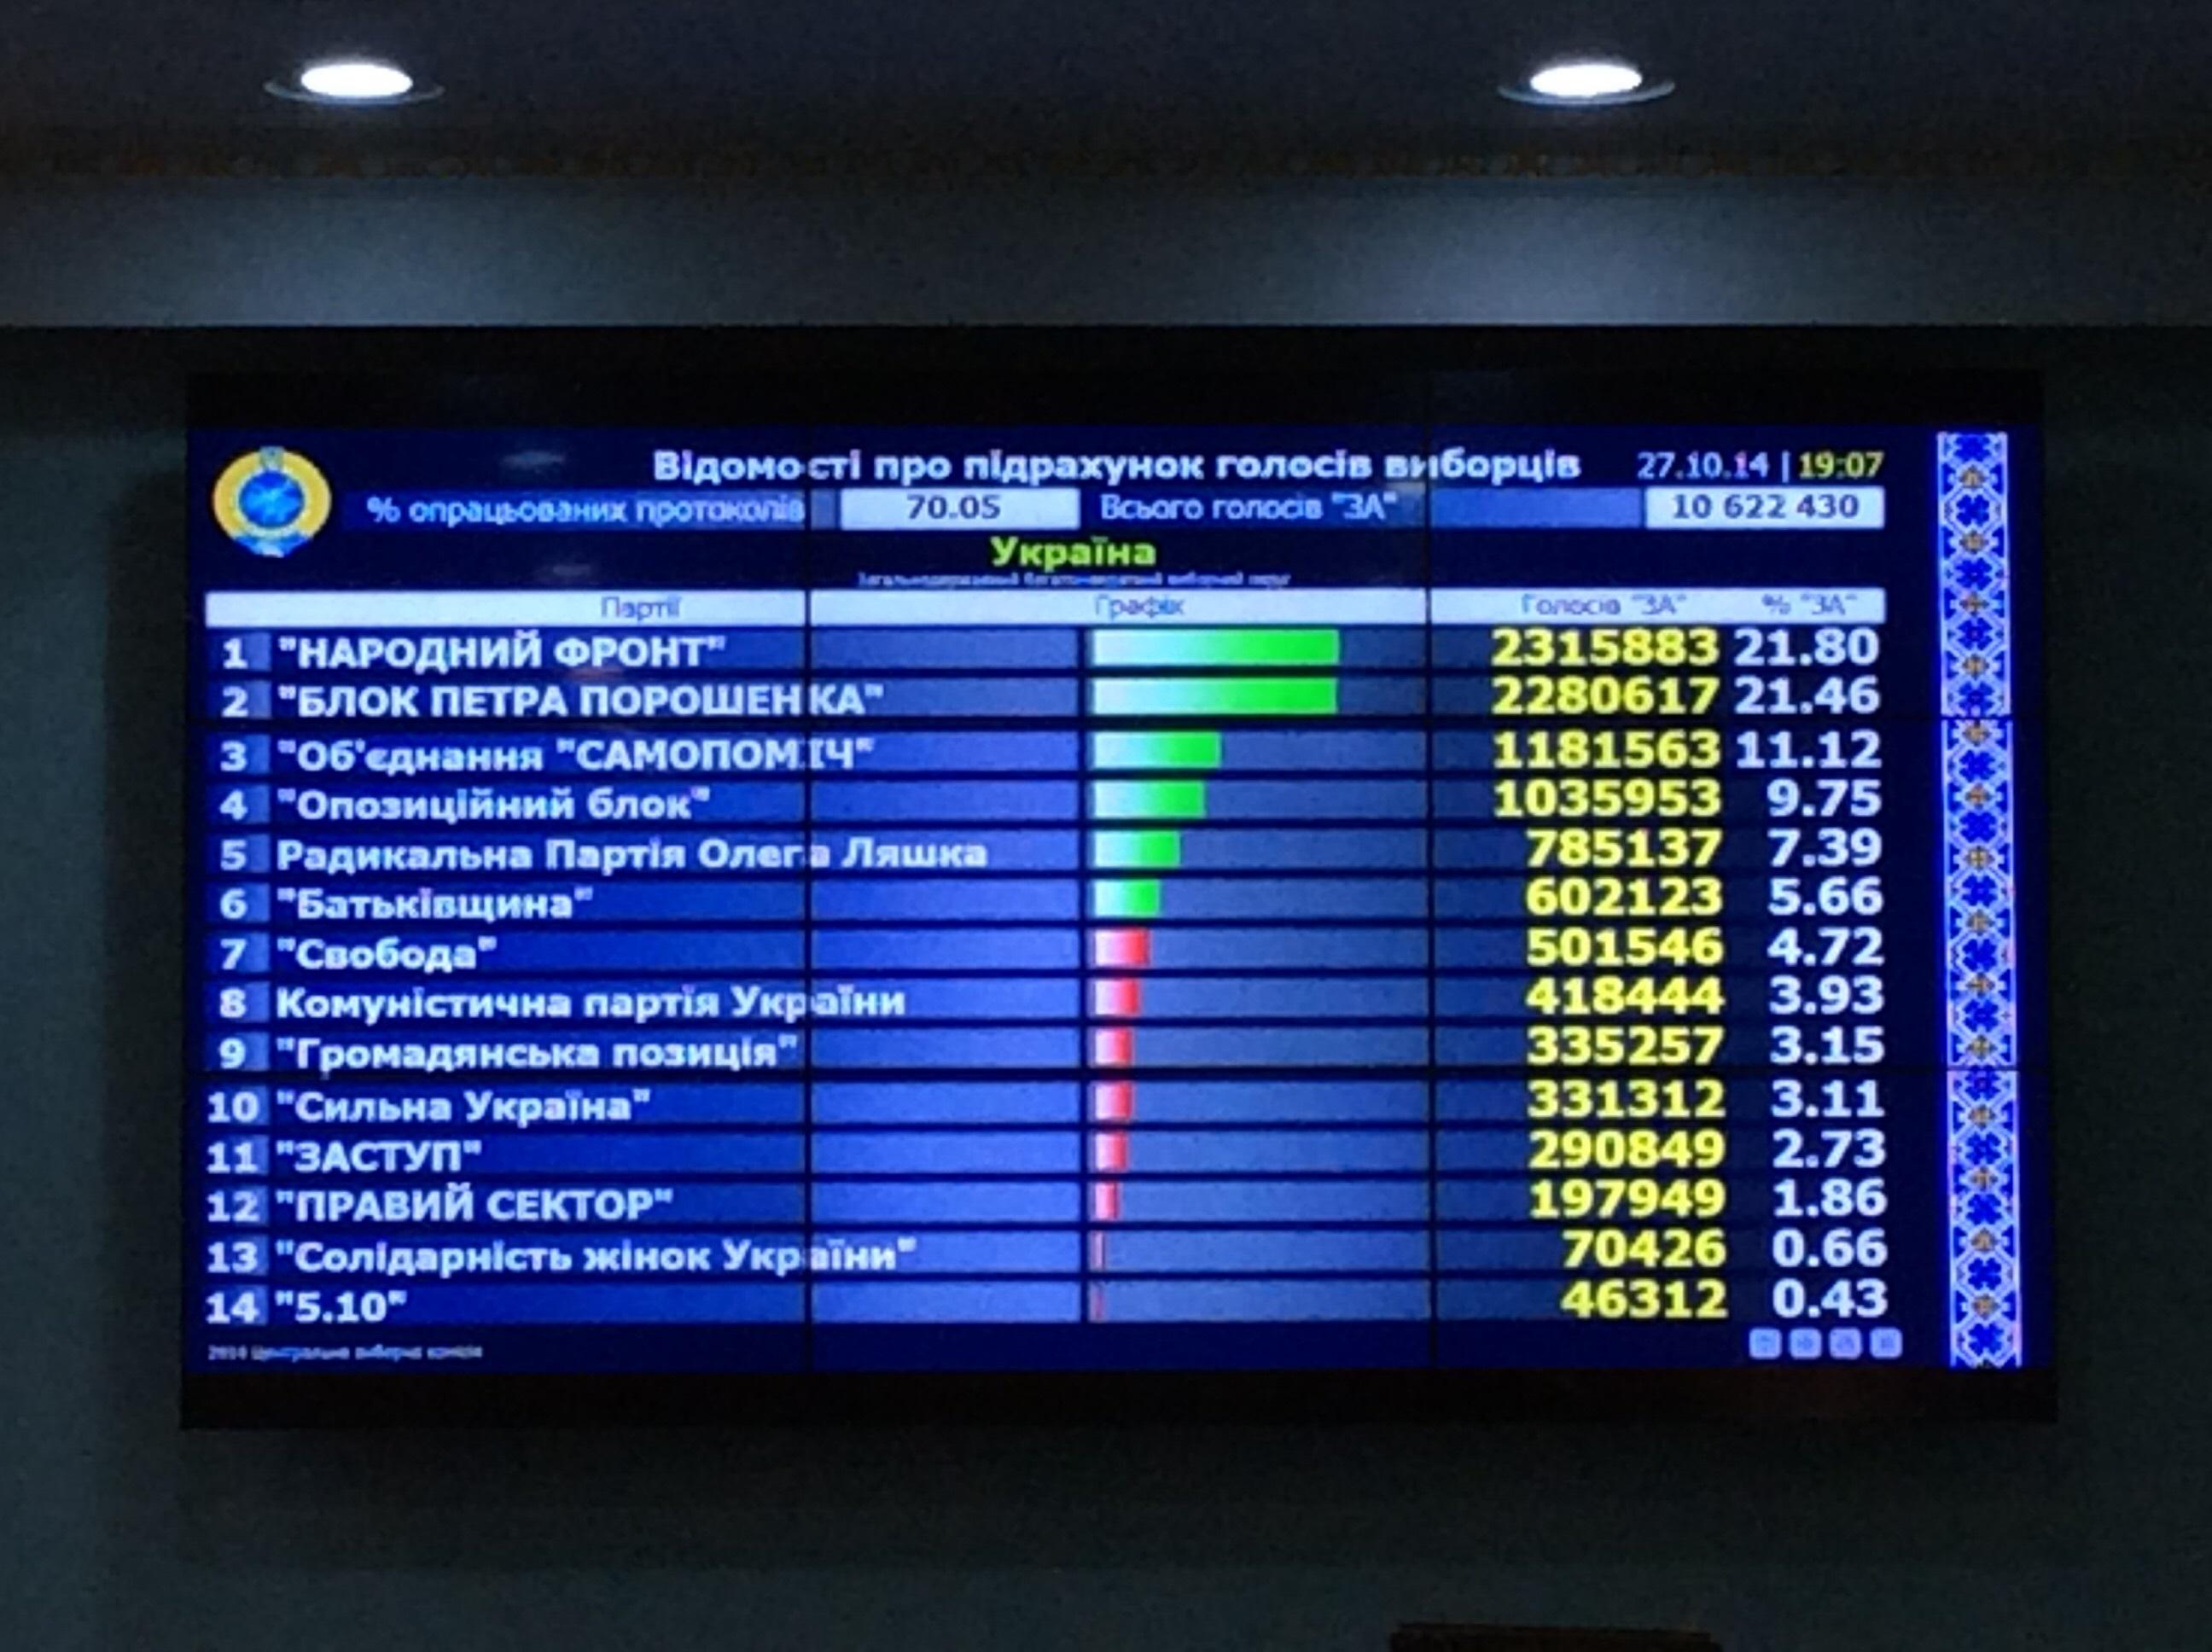 У партии Яценюка 21,8%, Порошенко 21,46%, Садового 11,12%, Бойко 9,75%, Ляшко 7,39%, Тимошенко 5,66%, - ЦИК обработал 70,05% протоколов